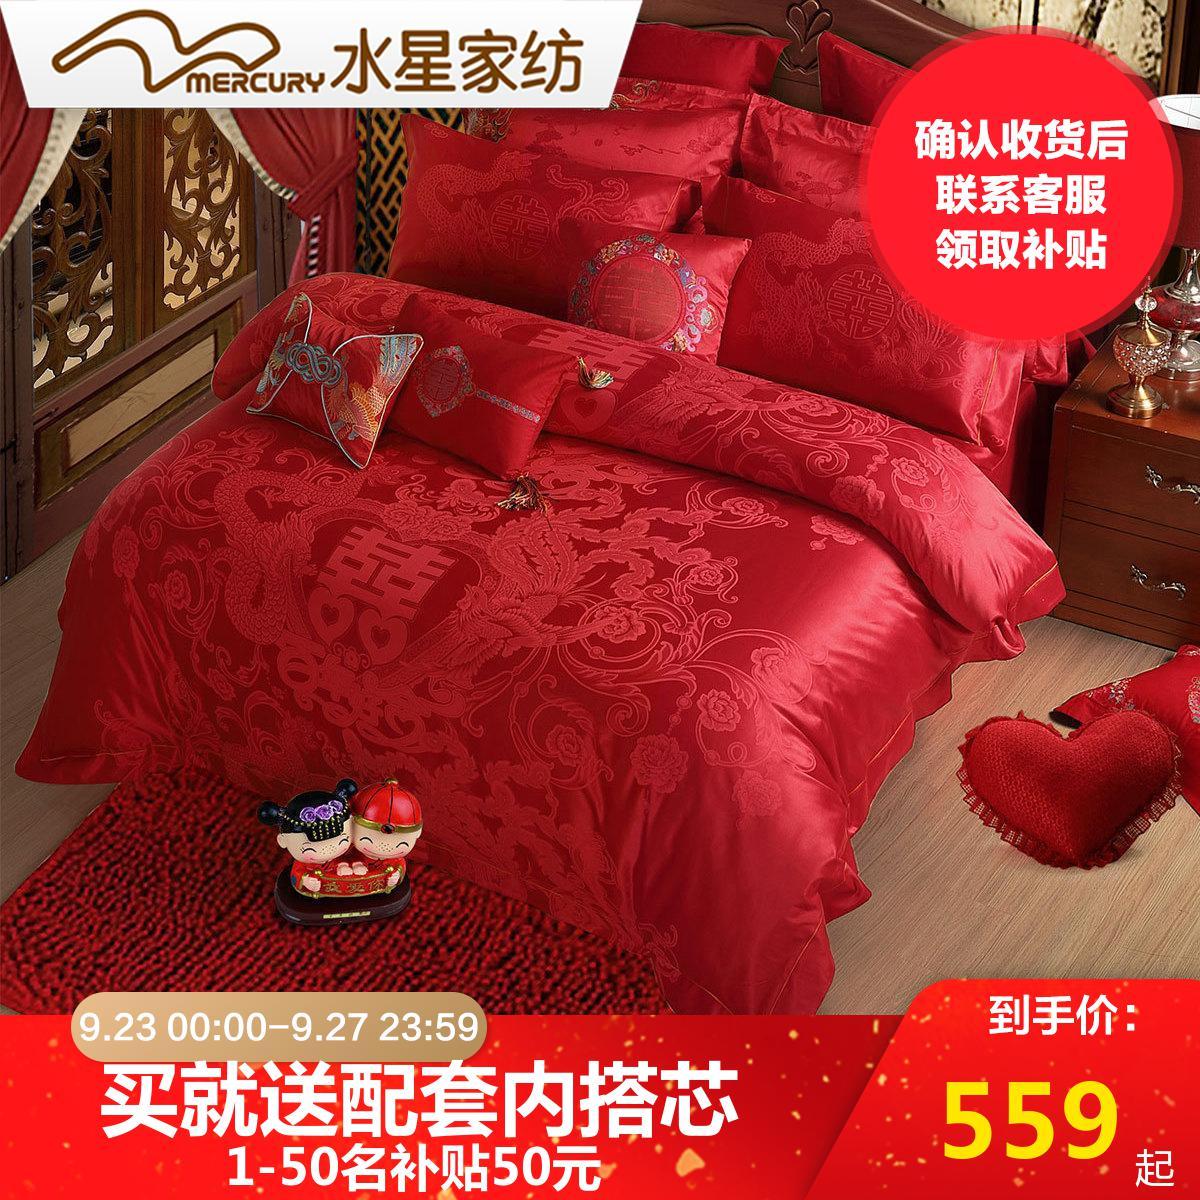 Купить Постельные комплекты  в Китае, в интернет магазине таобао на русском языке